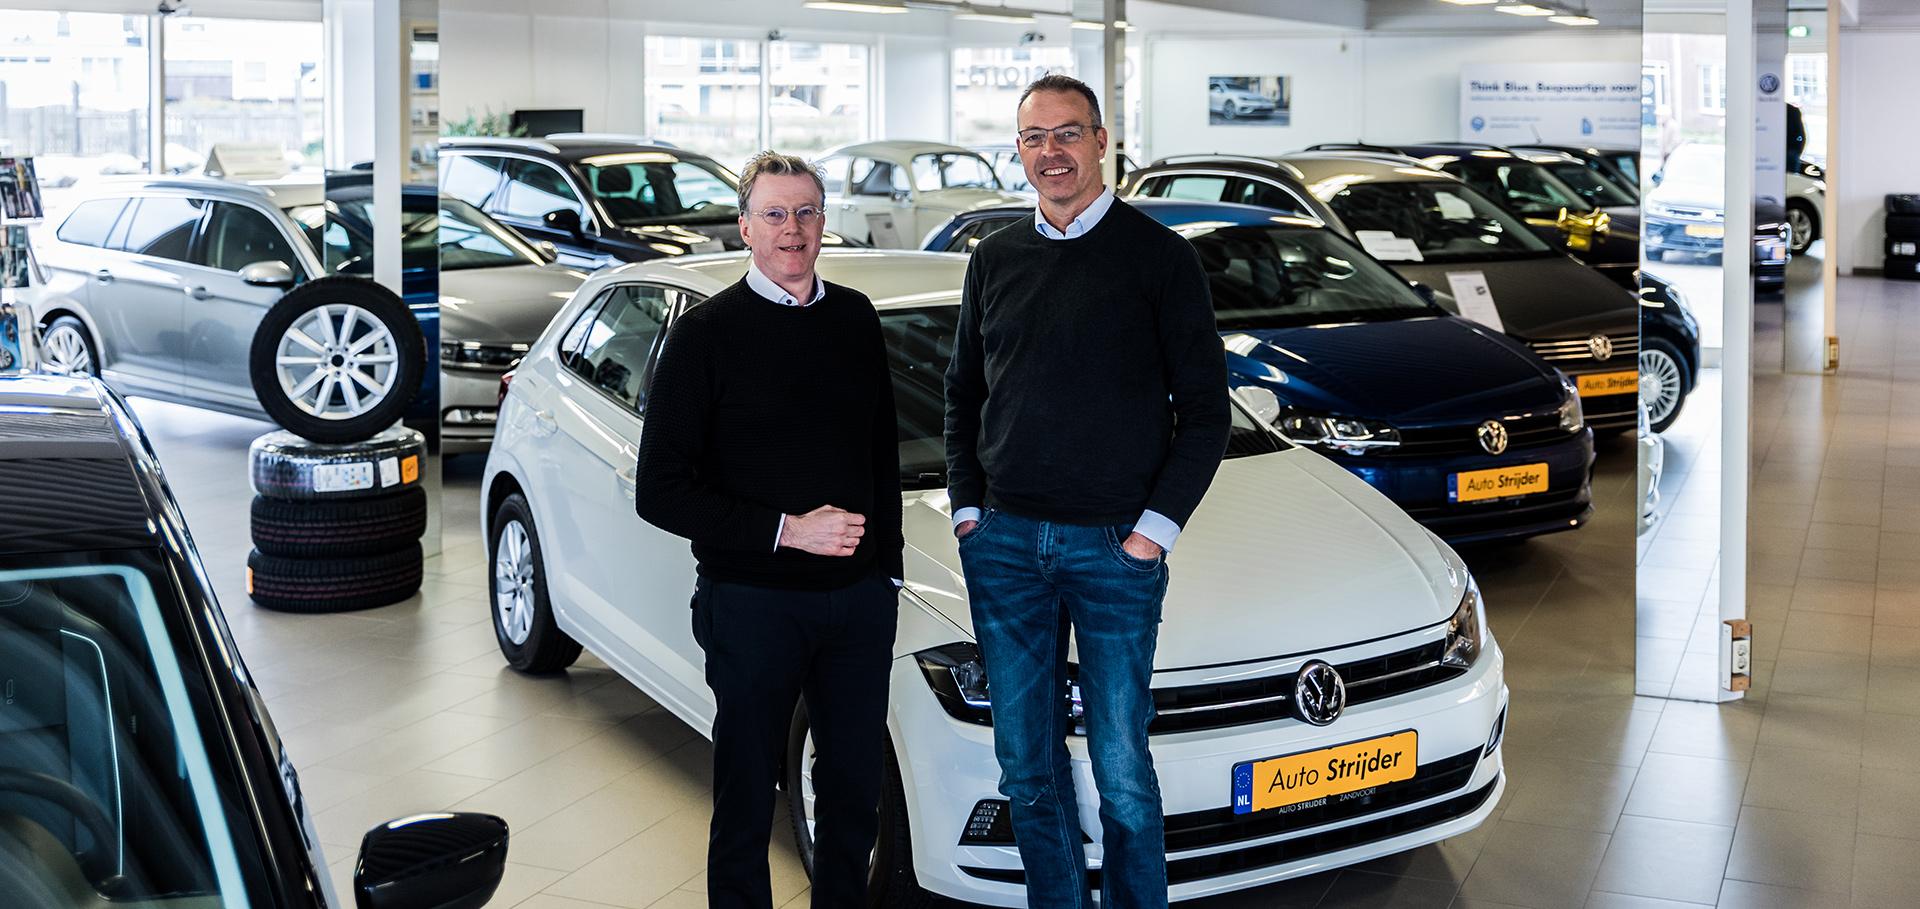 Eigenaren Auto Strijder Zandvoort